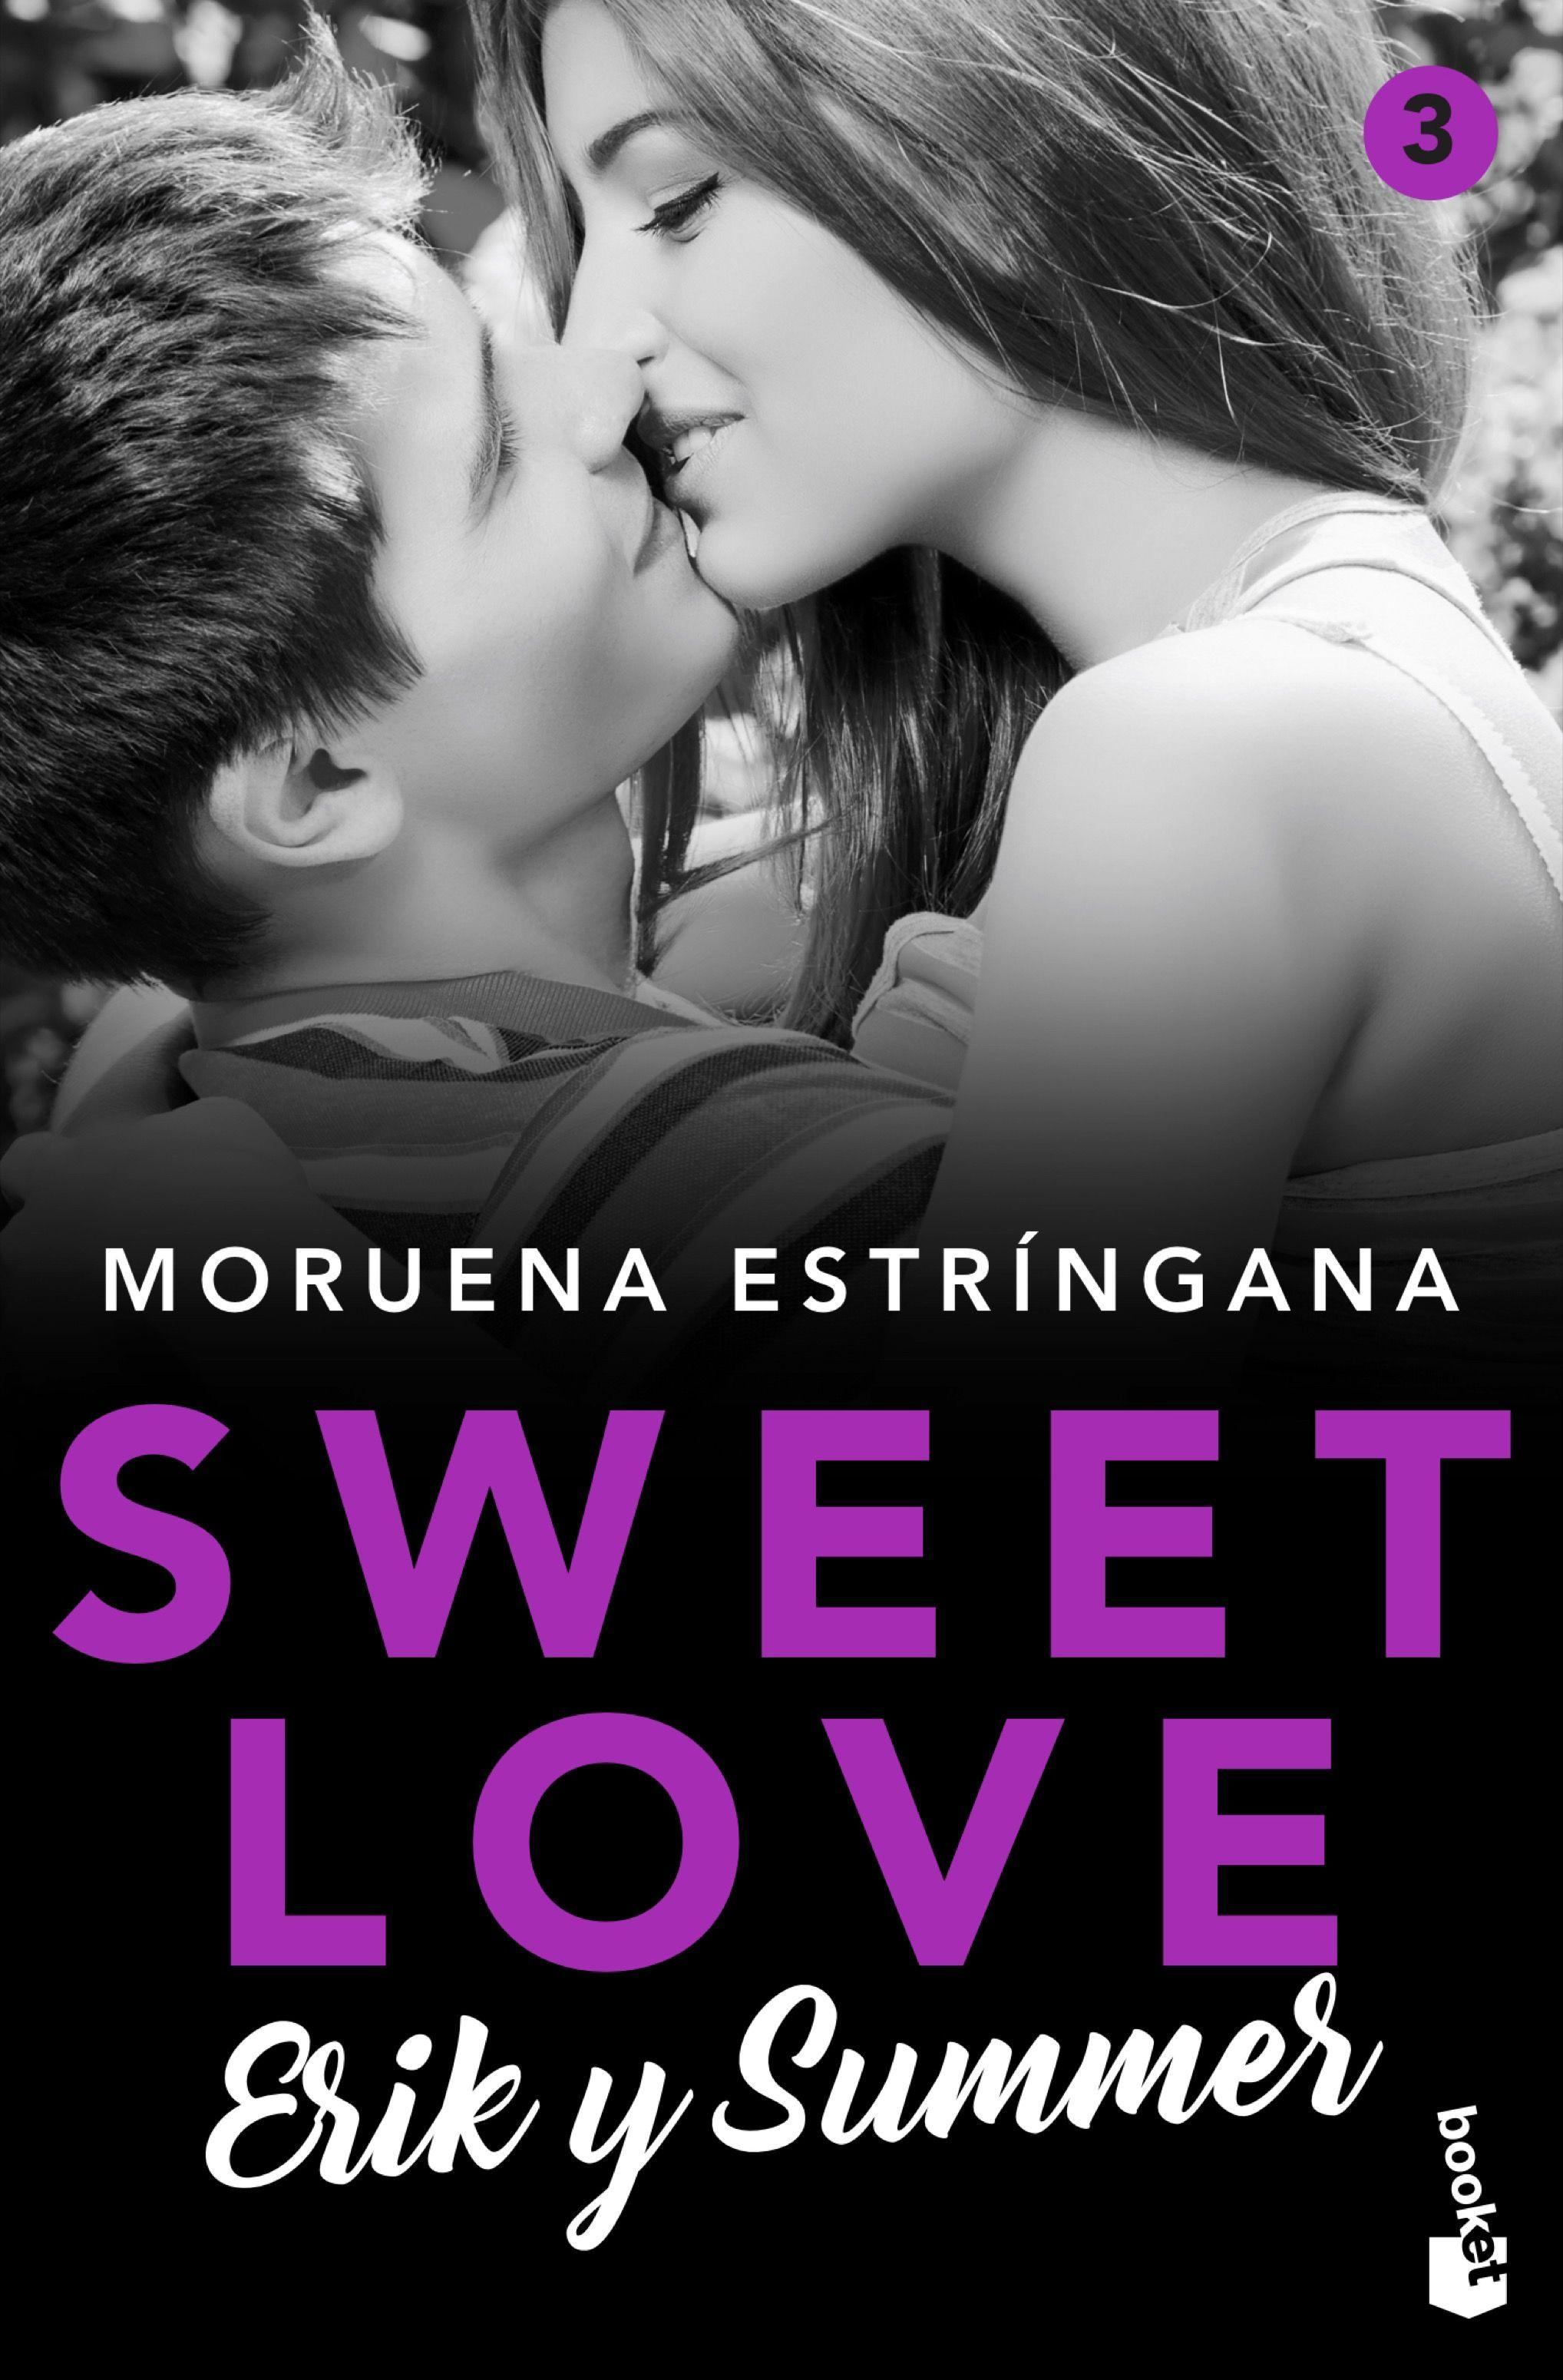 SWEET LOVE 3. ERIK Y SUMMER